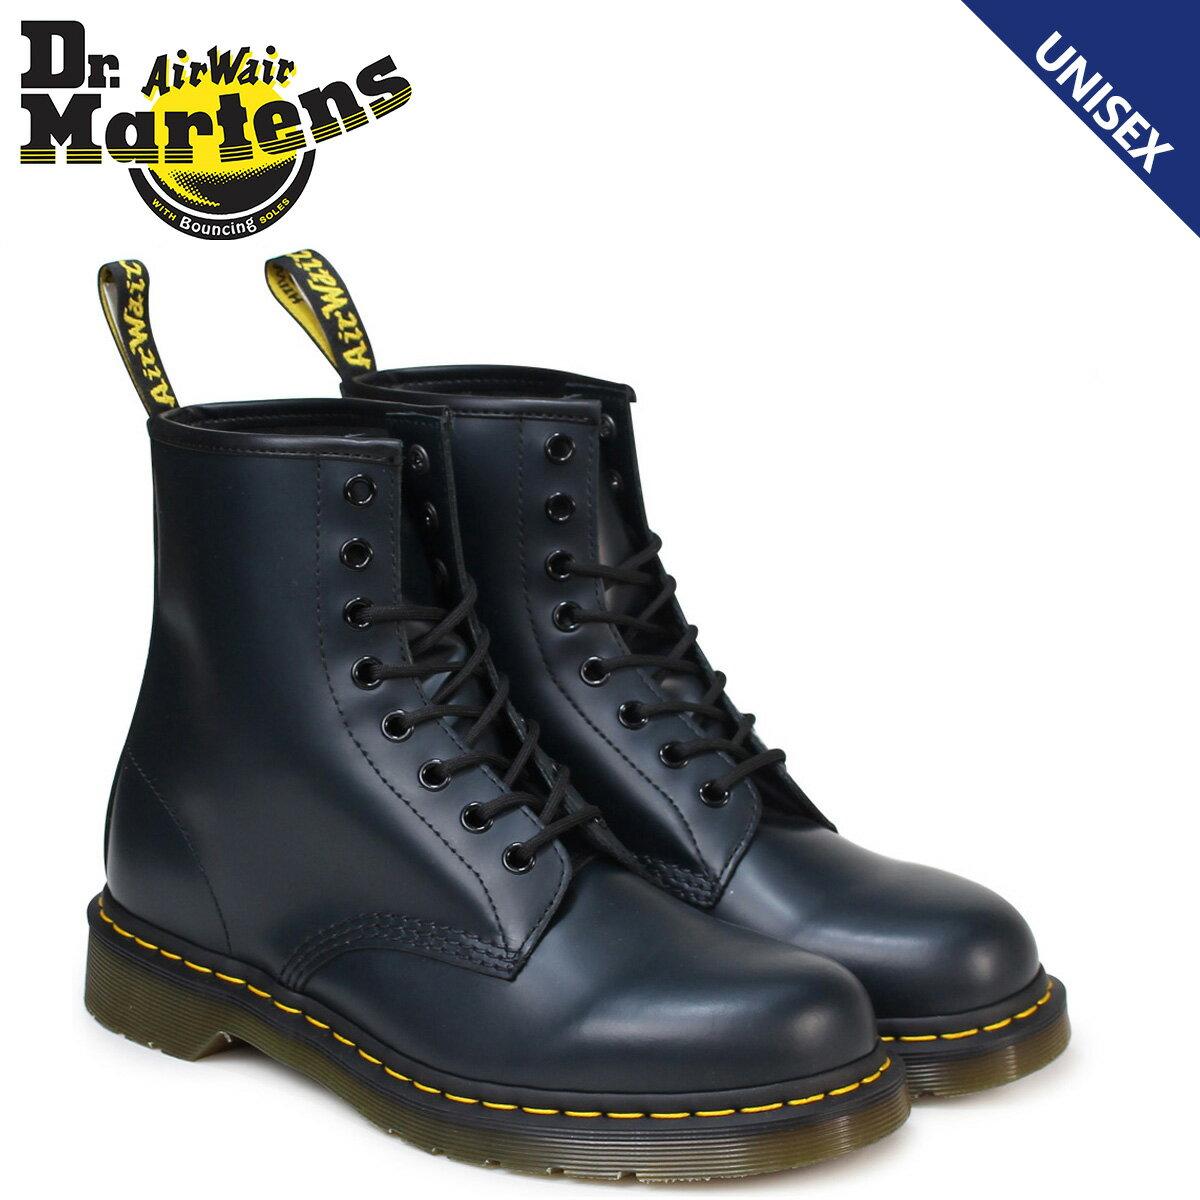 【最大1000円OFFクーポン配布】 Dr.Martens ドクターマーチン 1460 8ホール ブーツ 8 EYE BOOT R10072410 メンズ レディース